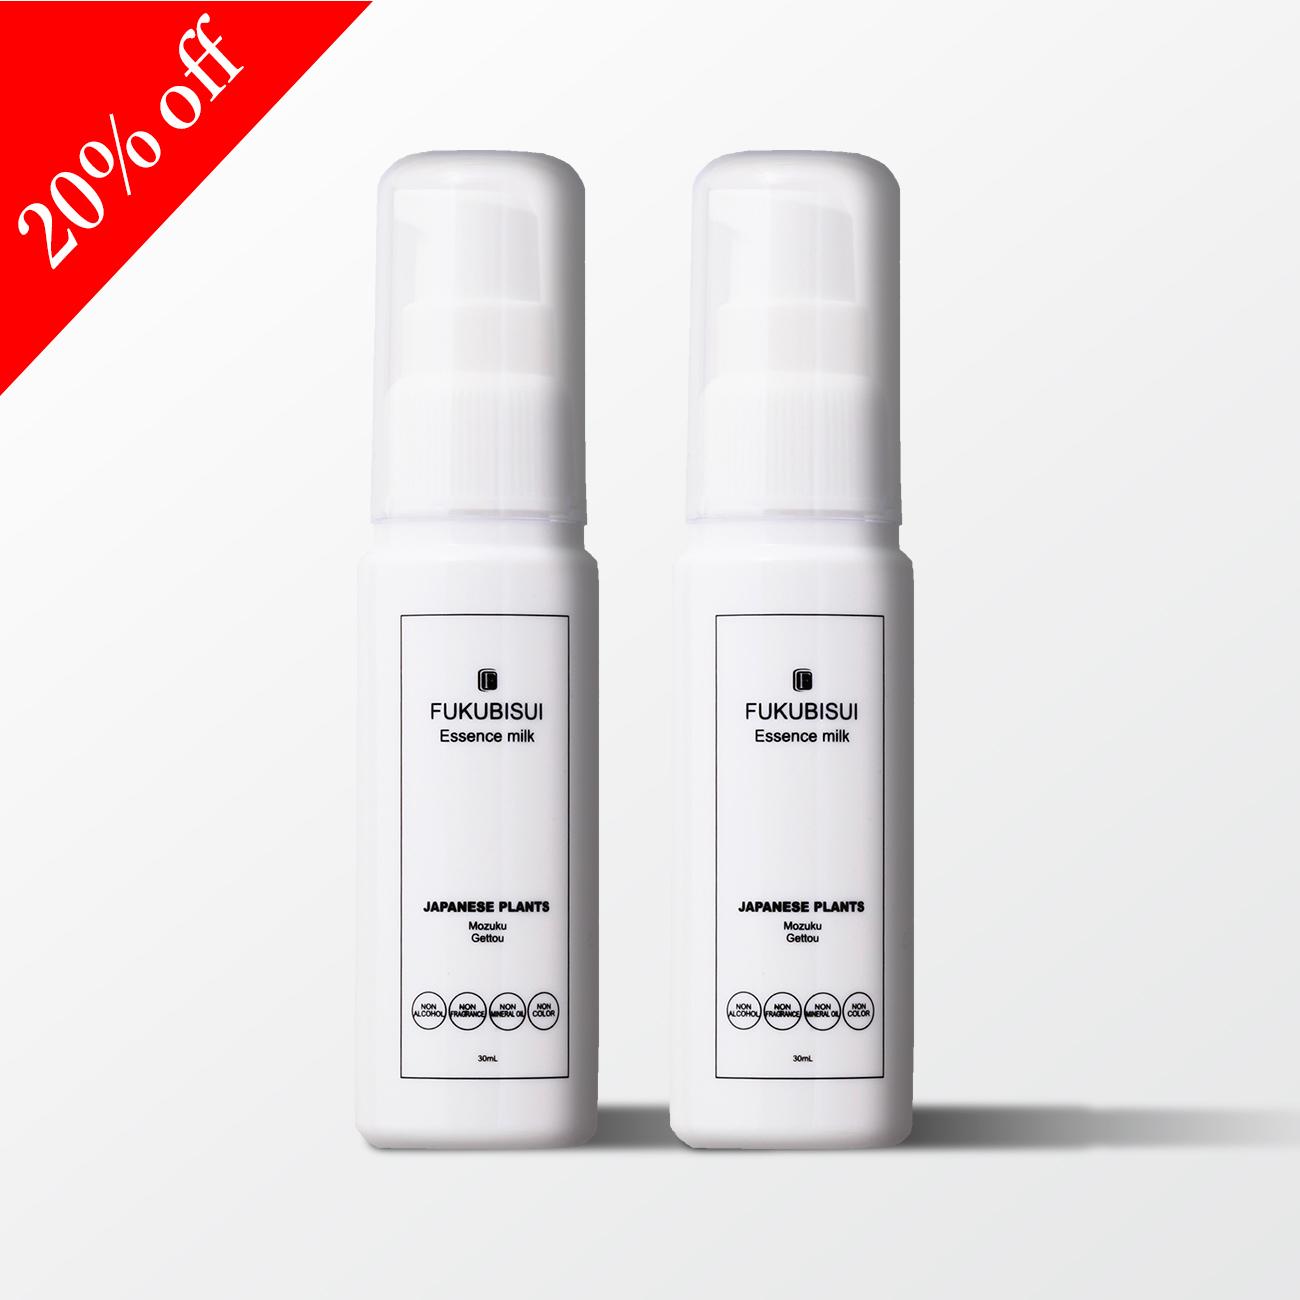 【定期購入】福美水エッセンスミルク (美容乳液) 2本セット